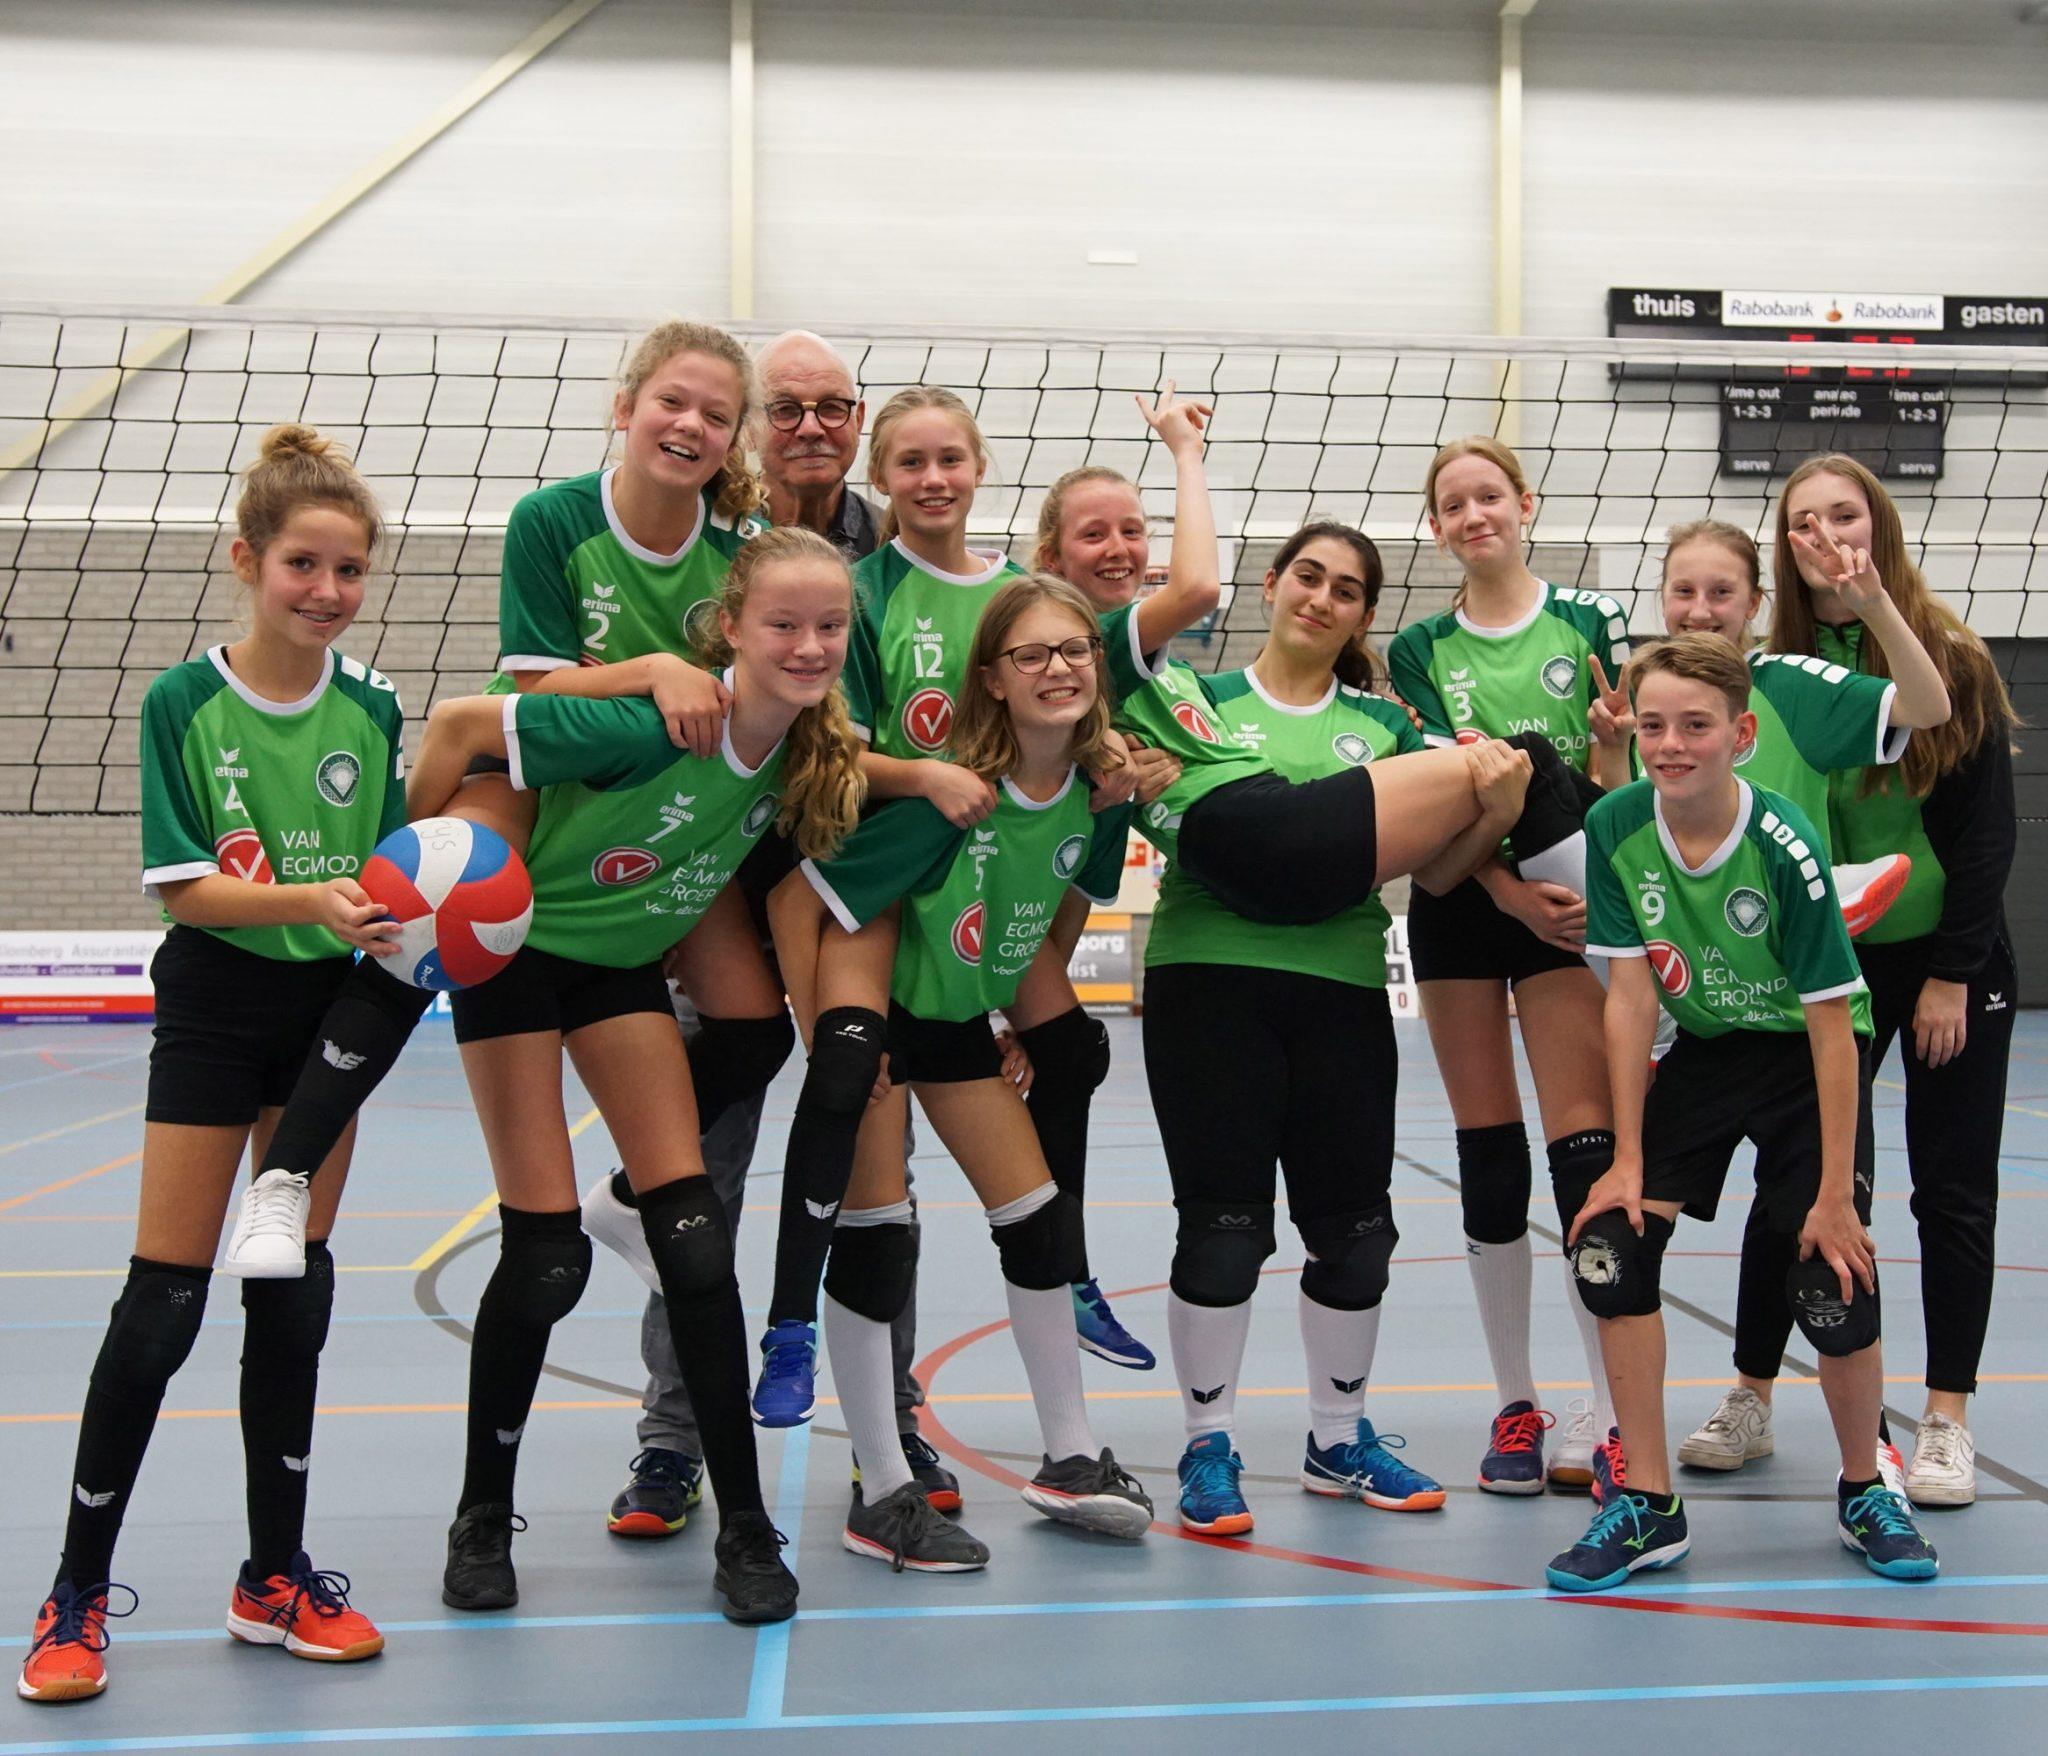 meisjesc1-team-s19-20